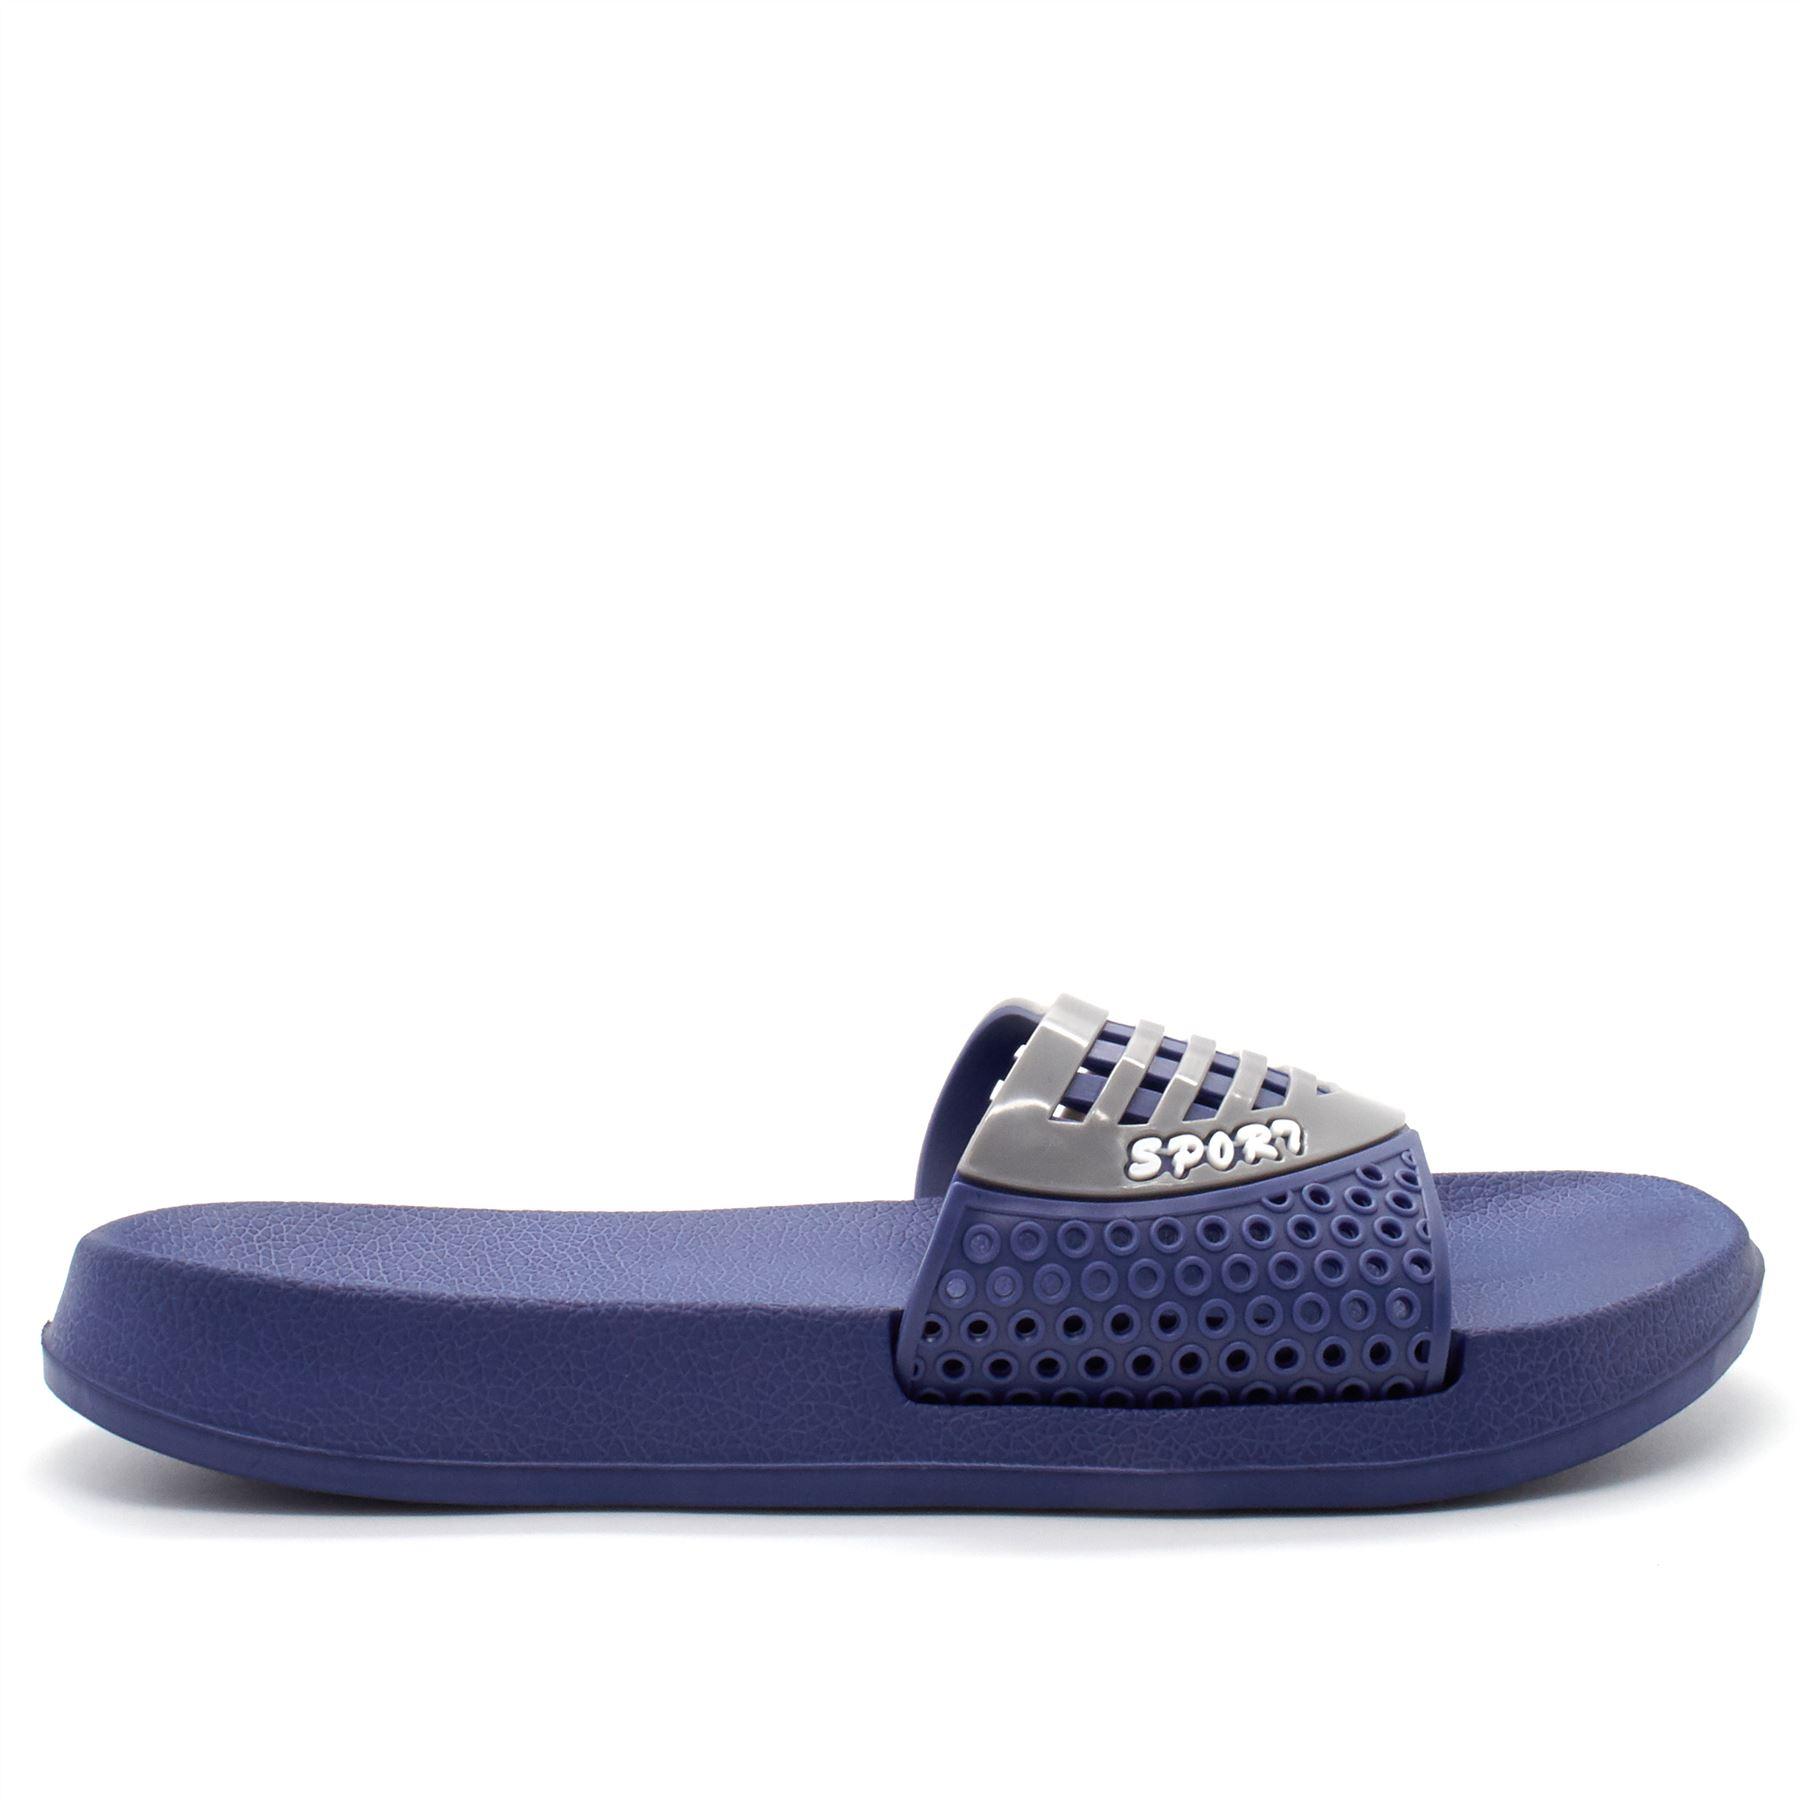 Mens Beach Pool Sliders Sandals Flip Flops Slip On Shower Fitness Swimming Shoes Ebay